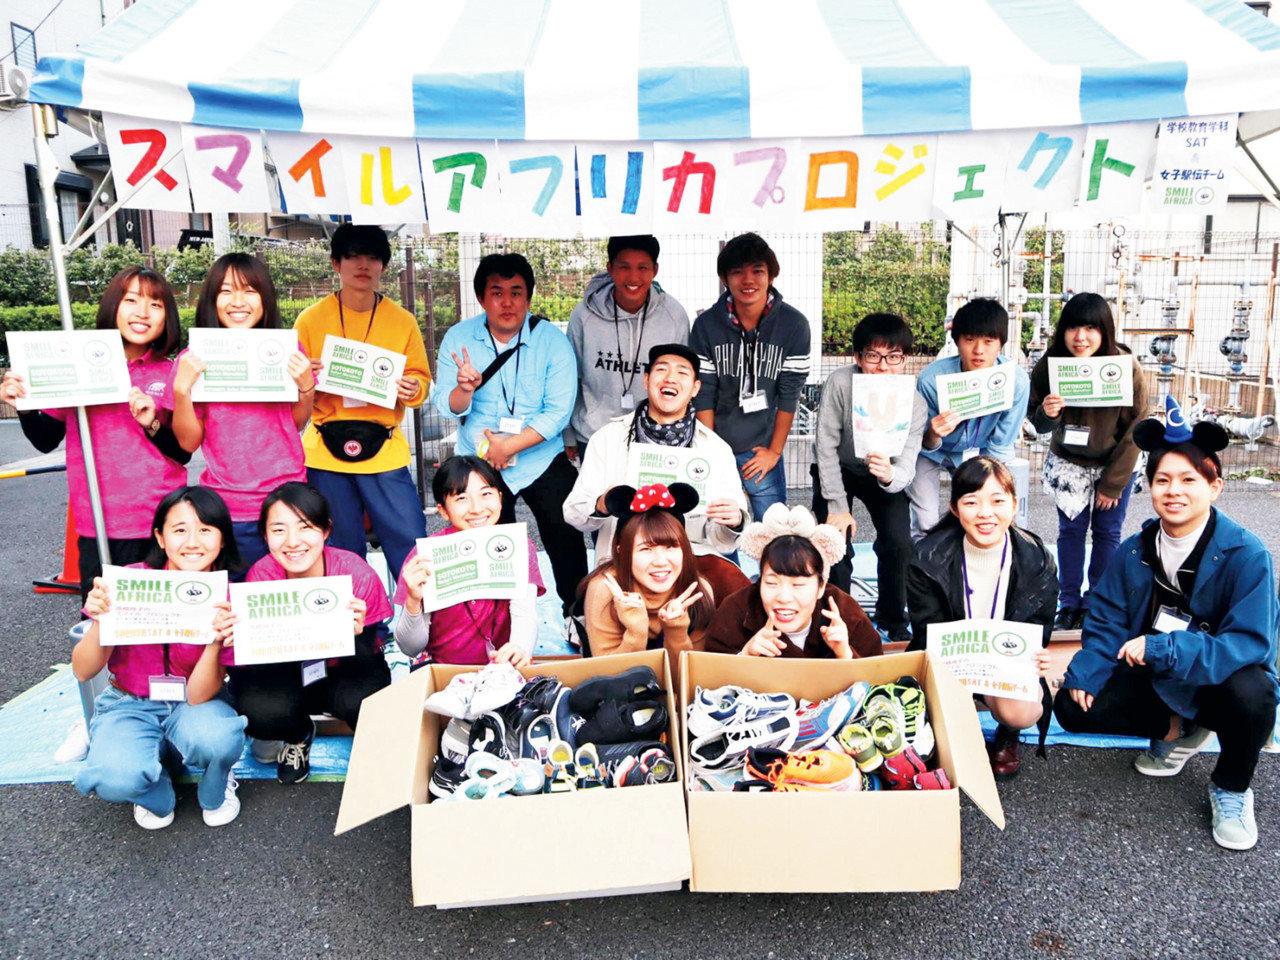 多くの方の協力が多くの方の笑顔につながる。帝京科学大学と三豊市教育委員会のシューズ回収レポート。